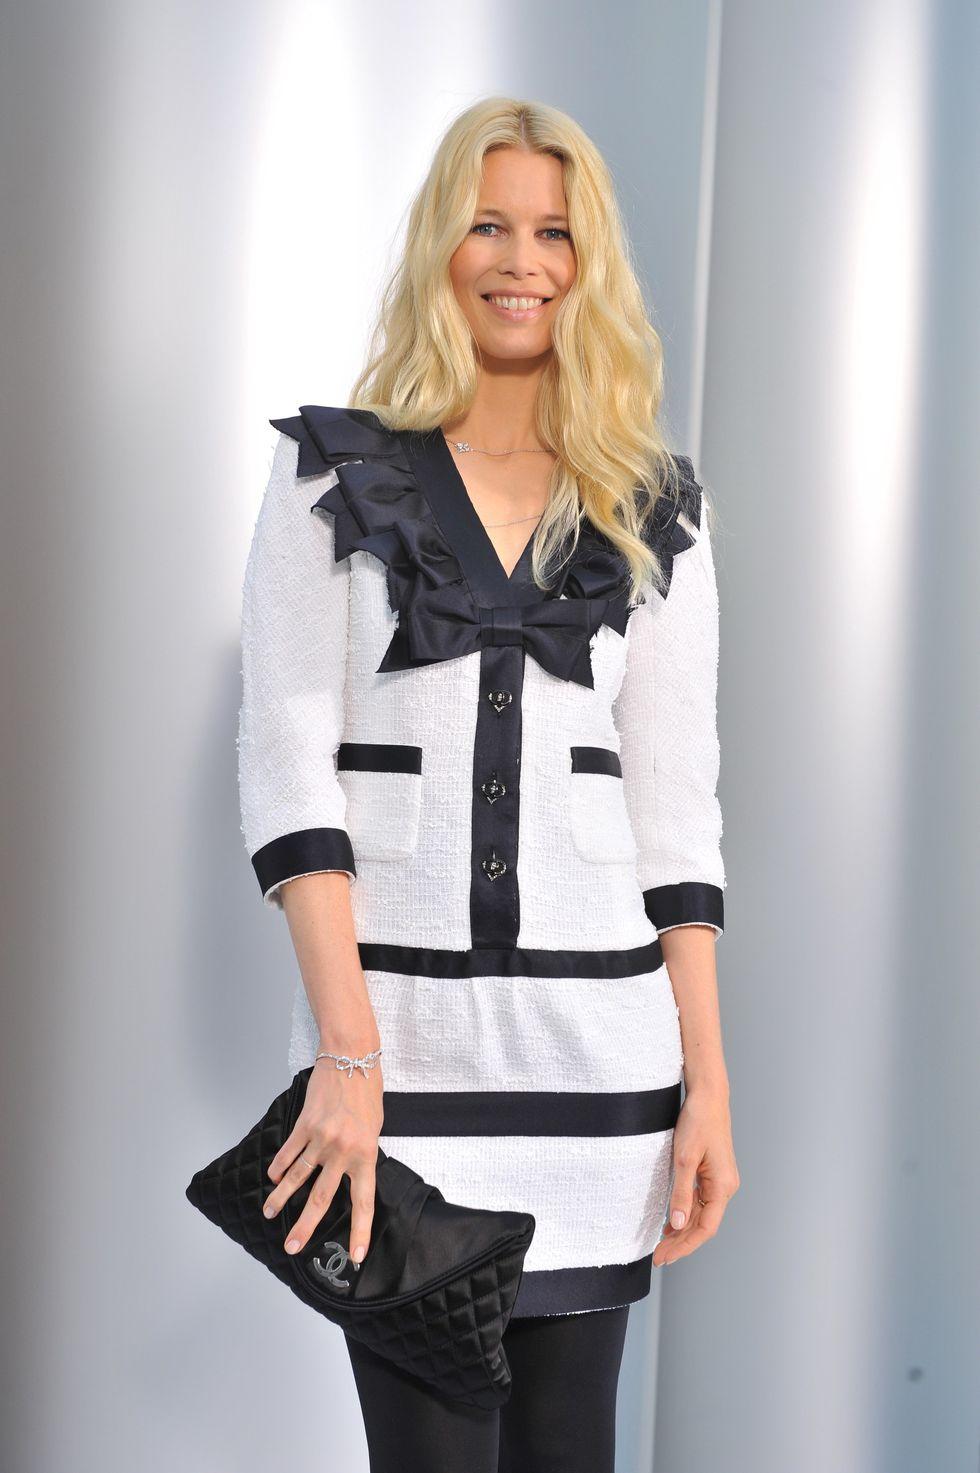 claudia-schiffer-chanel-haute-couture-fall-winter-2008-2009-fashion-show-01